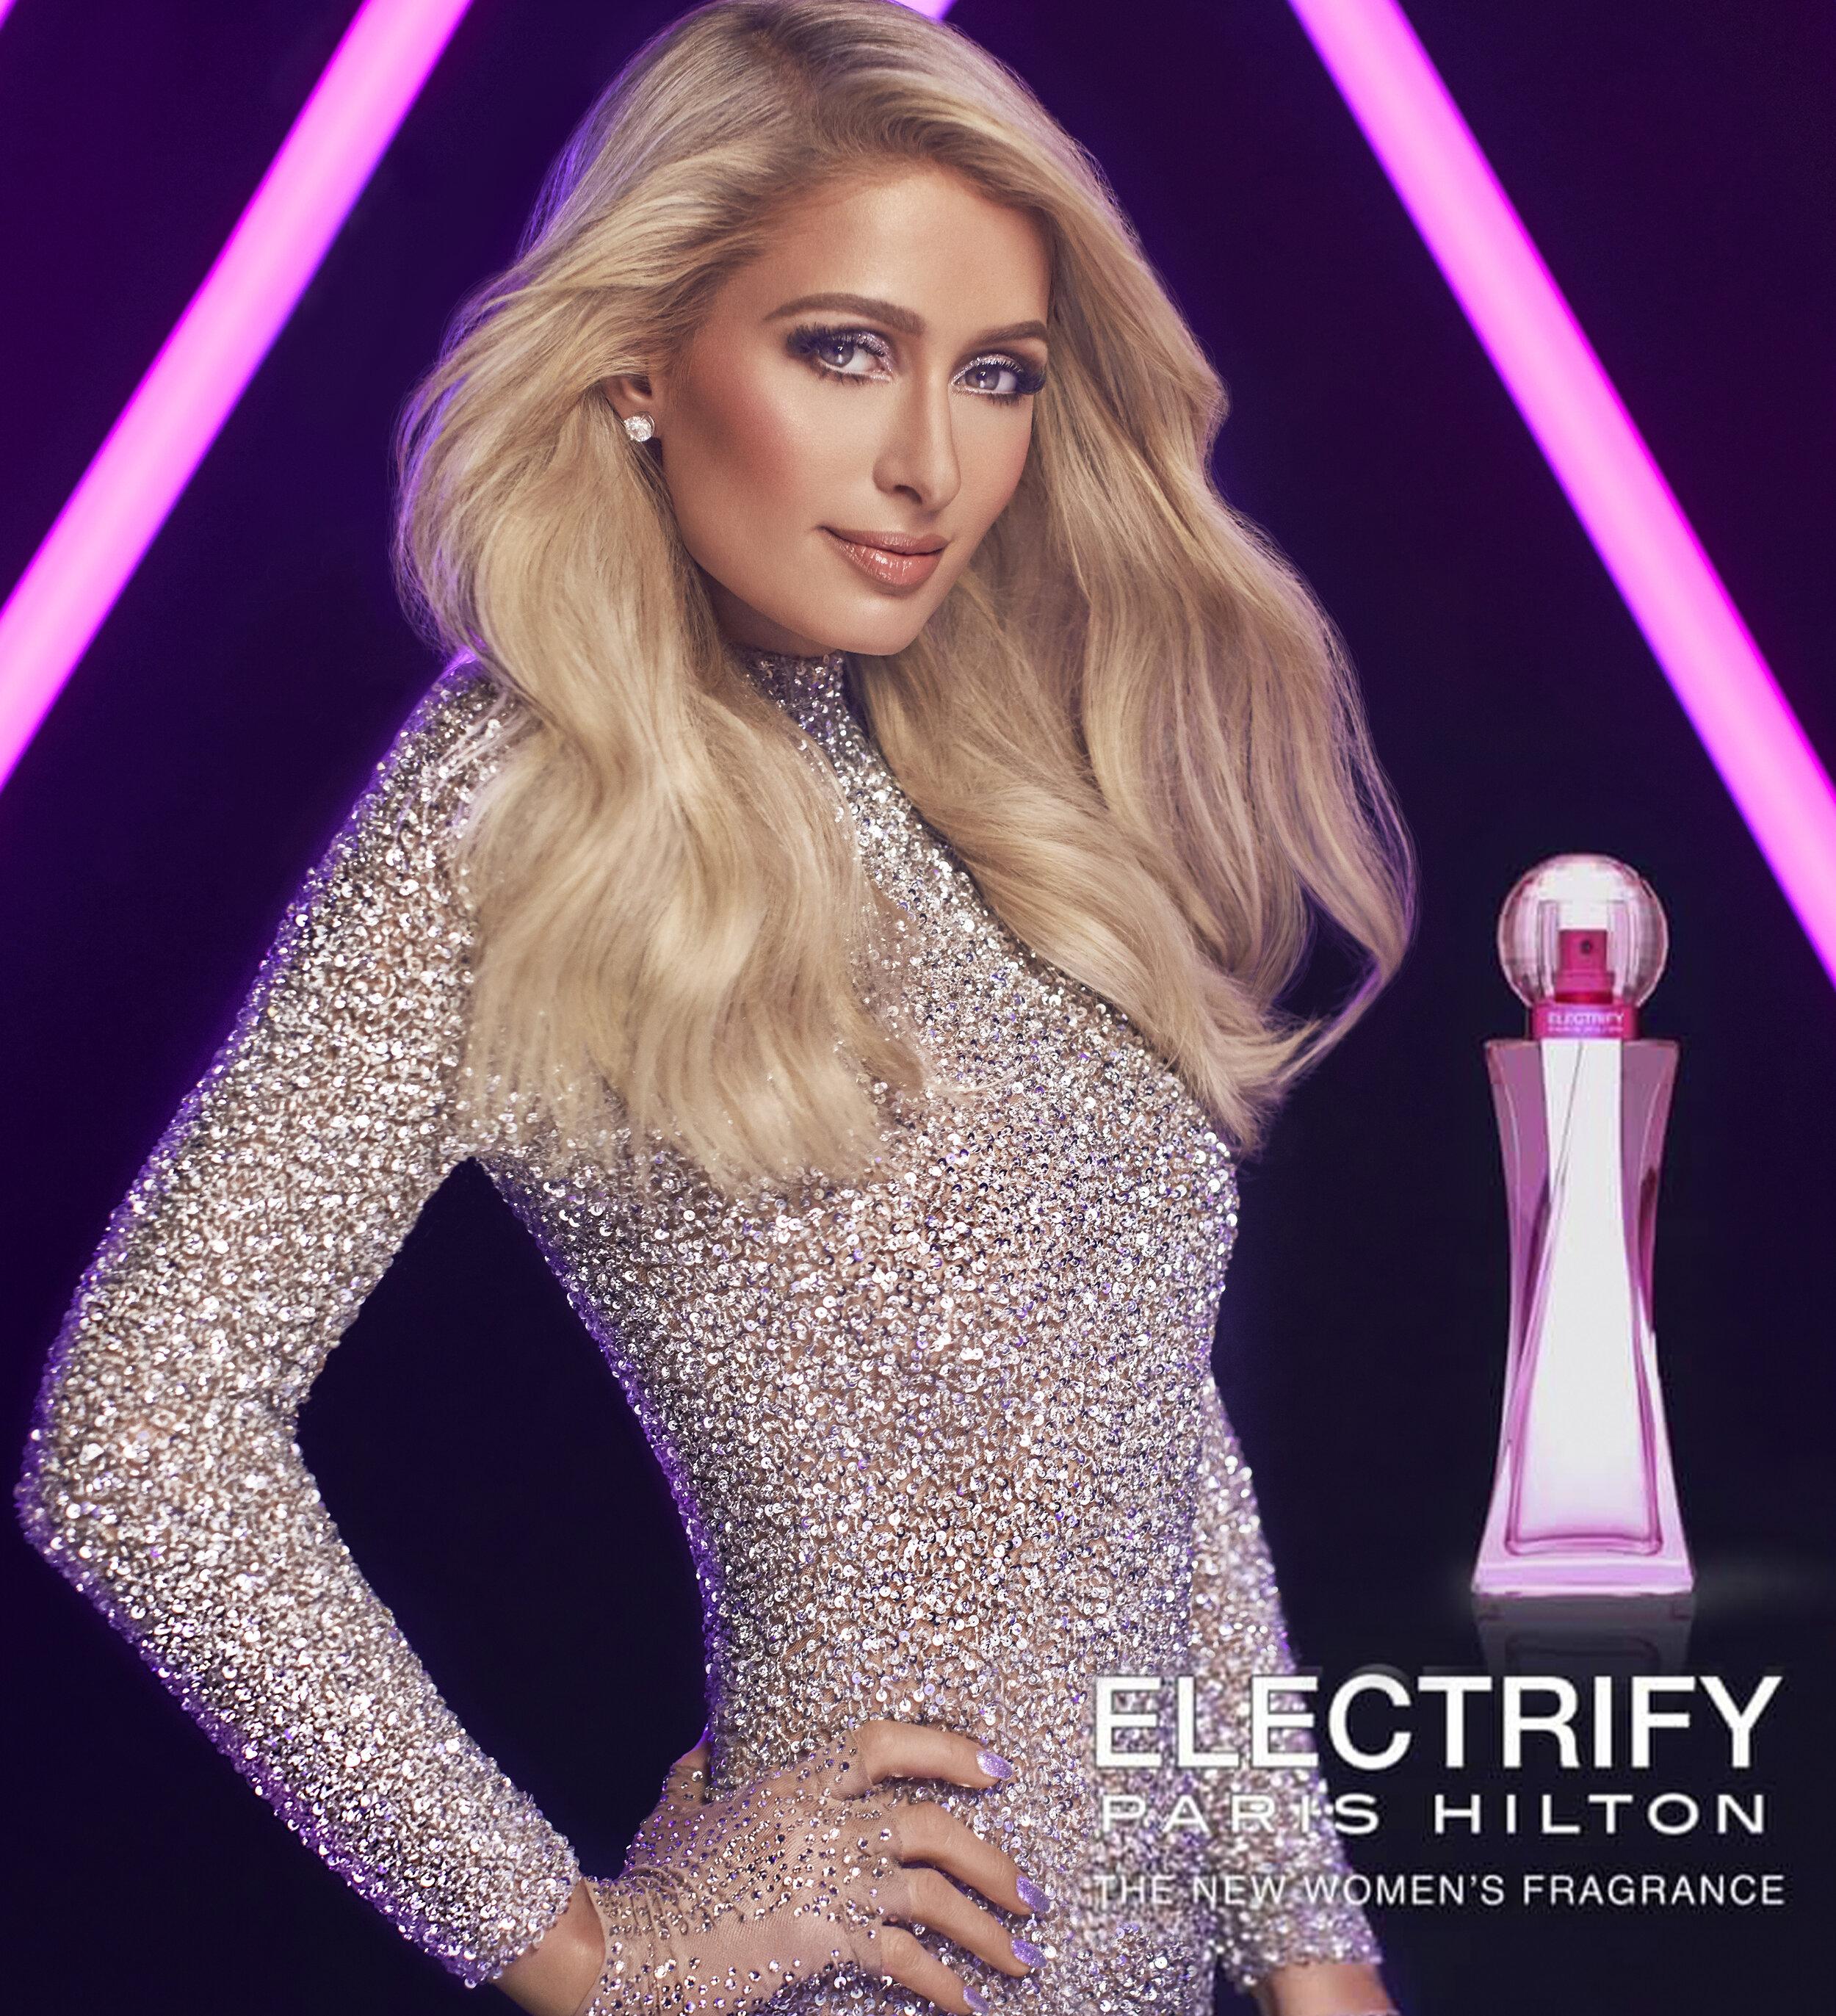 Paris Hilton Electrify.jpg